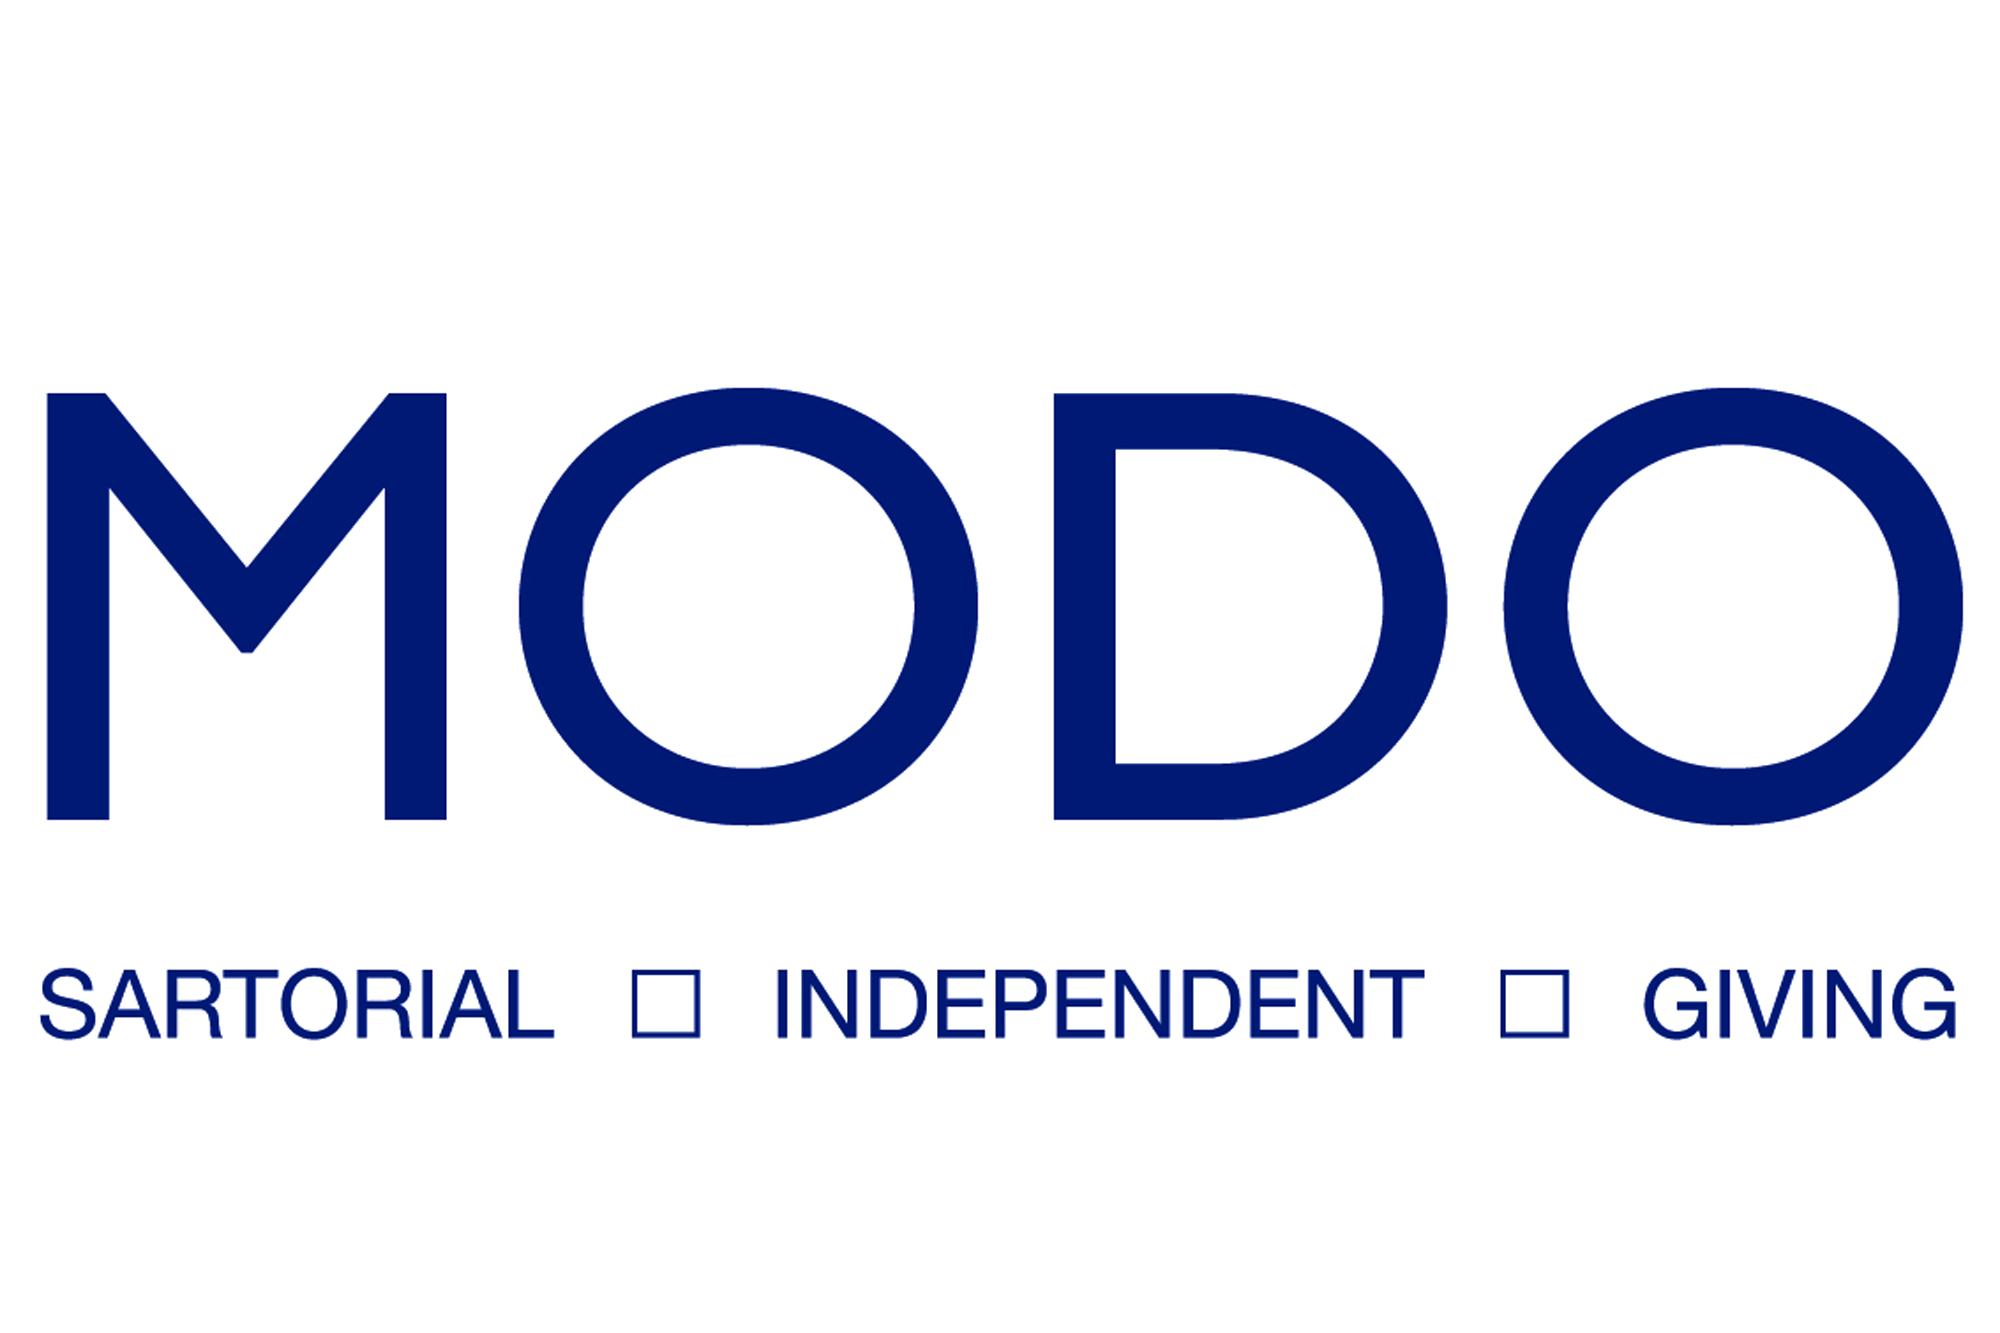 Modo Paperthin Titanium: Sartorial - Independent - Giving